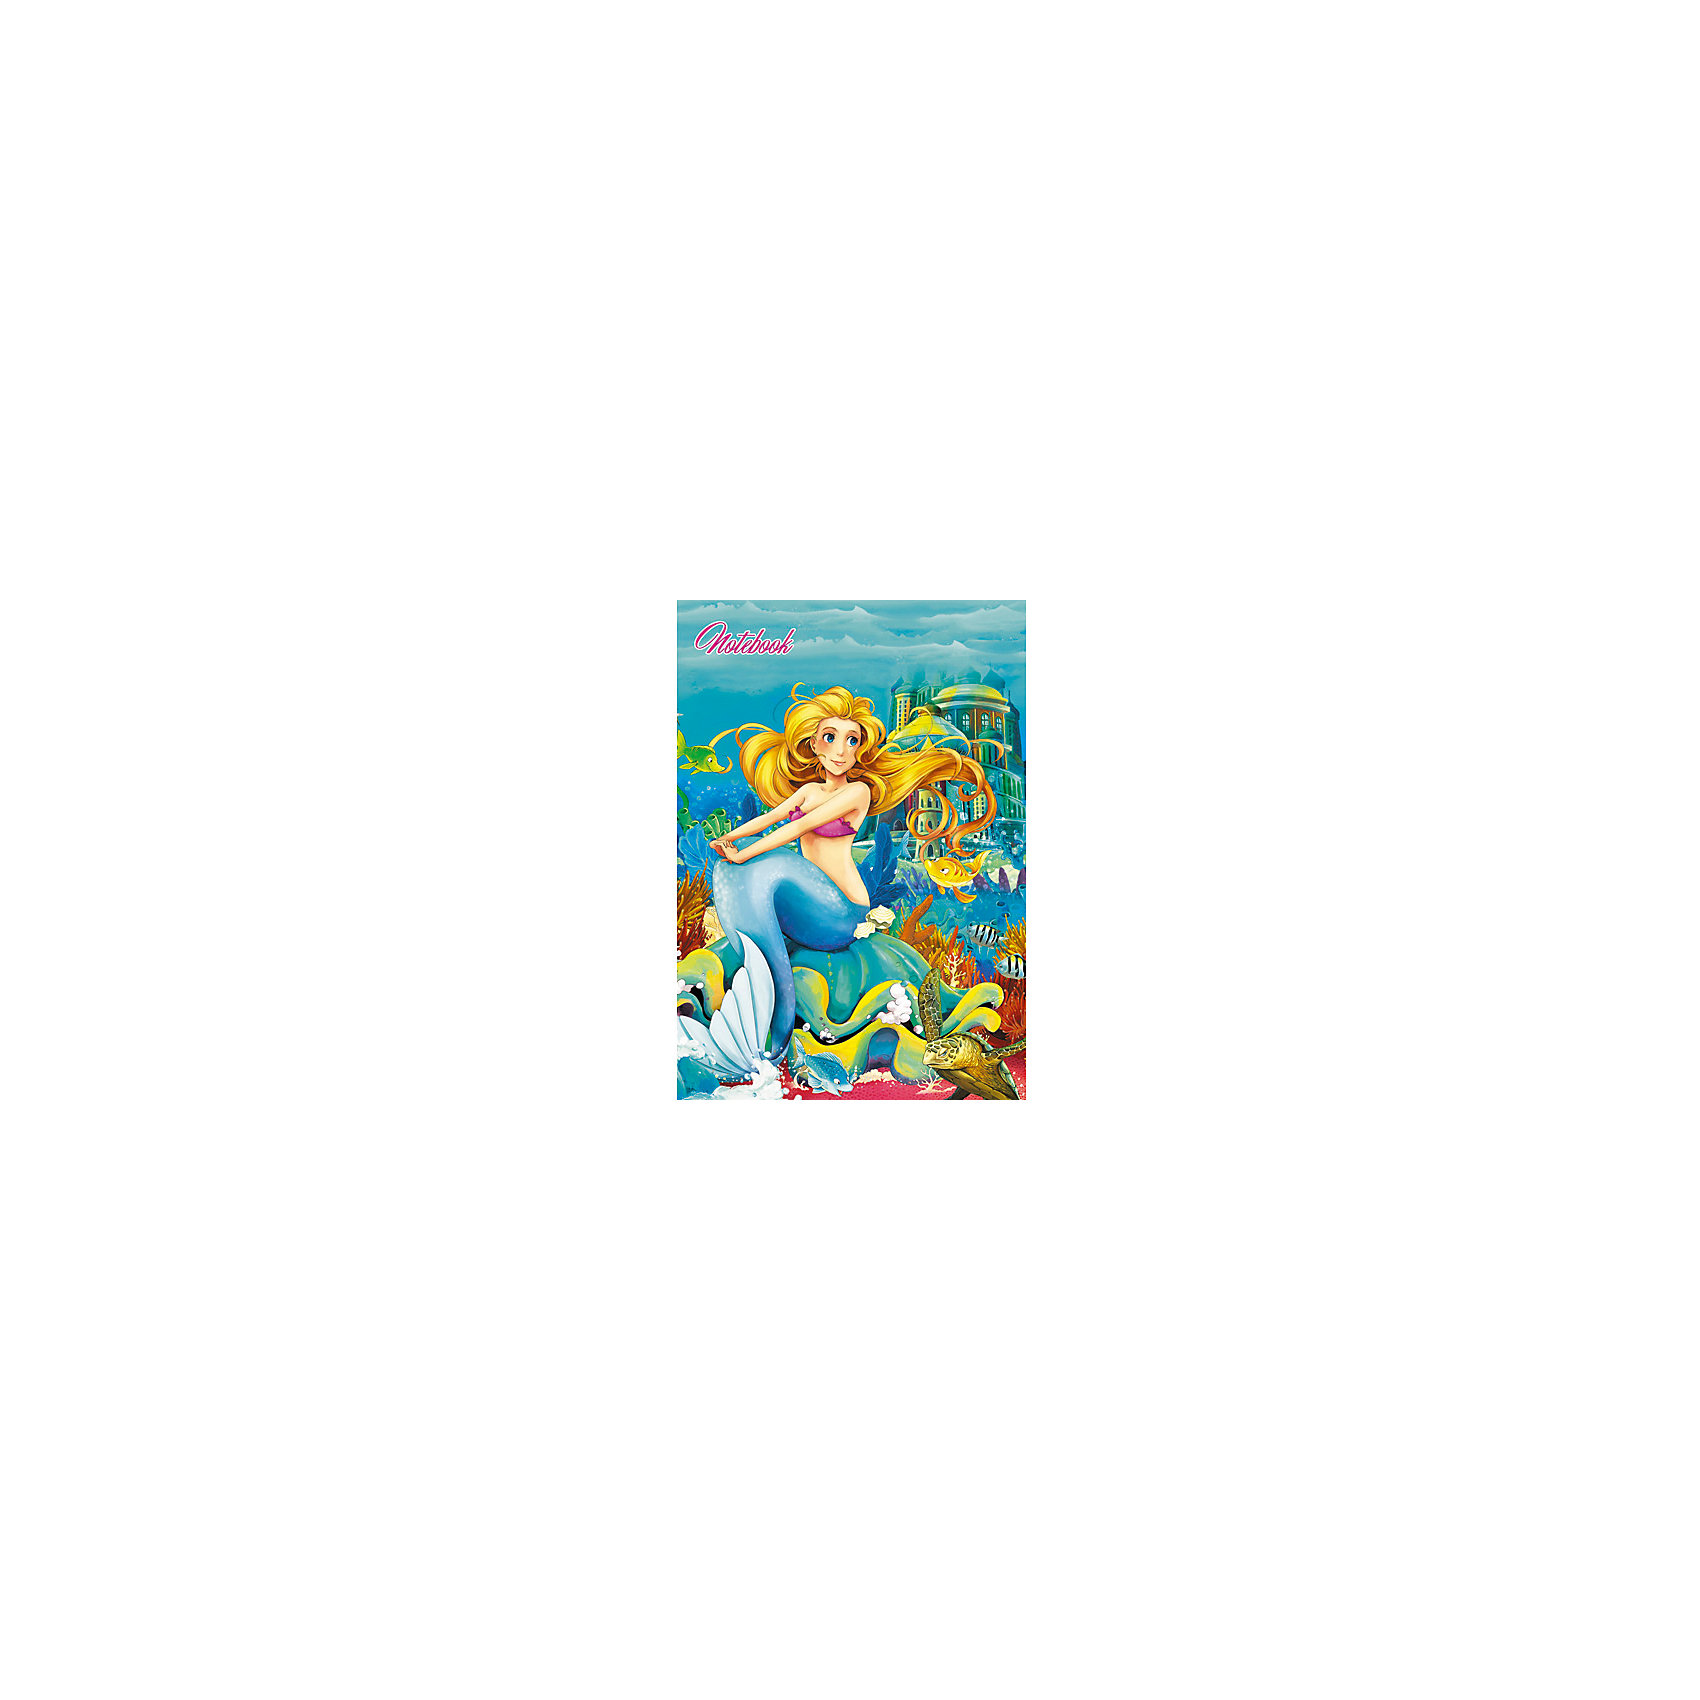 Эксмо Книги для записей А6 Сказочная русалка, 80л книга для записей с практическими упражнениями для здорового позвоночника